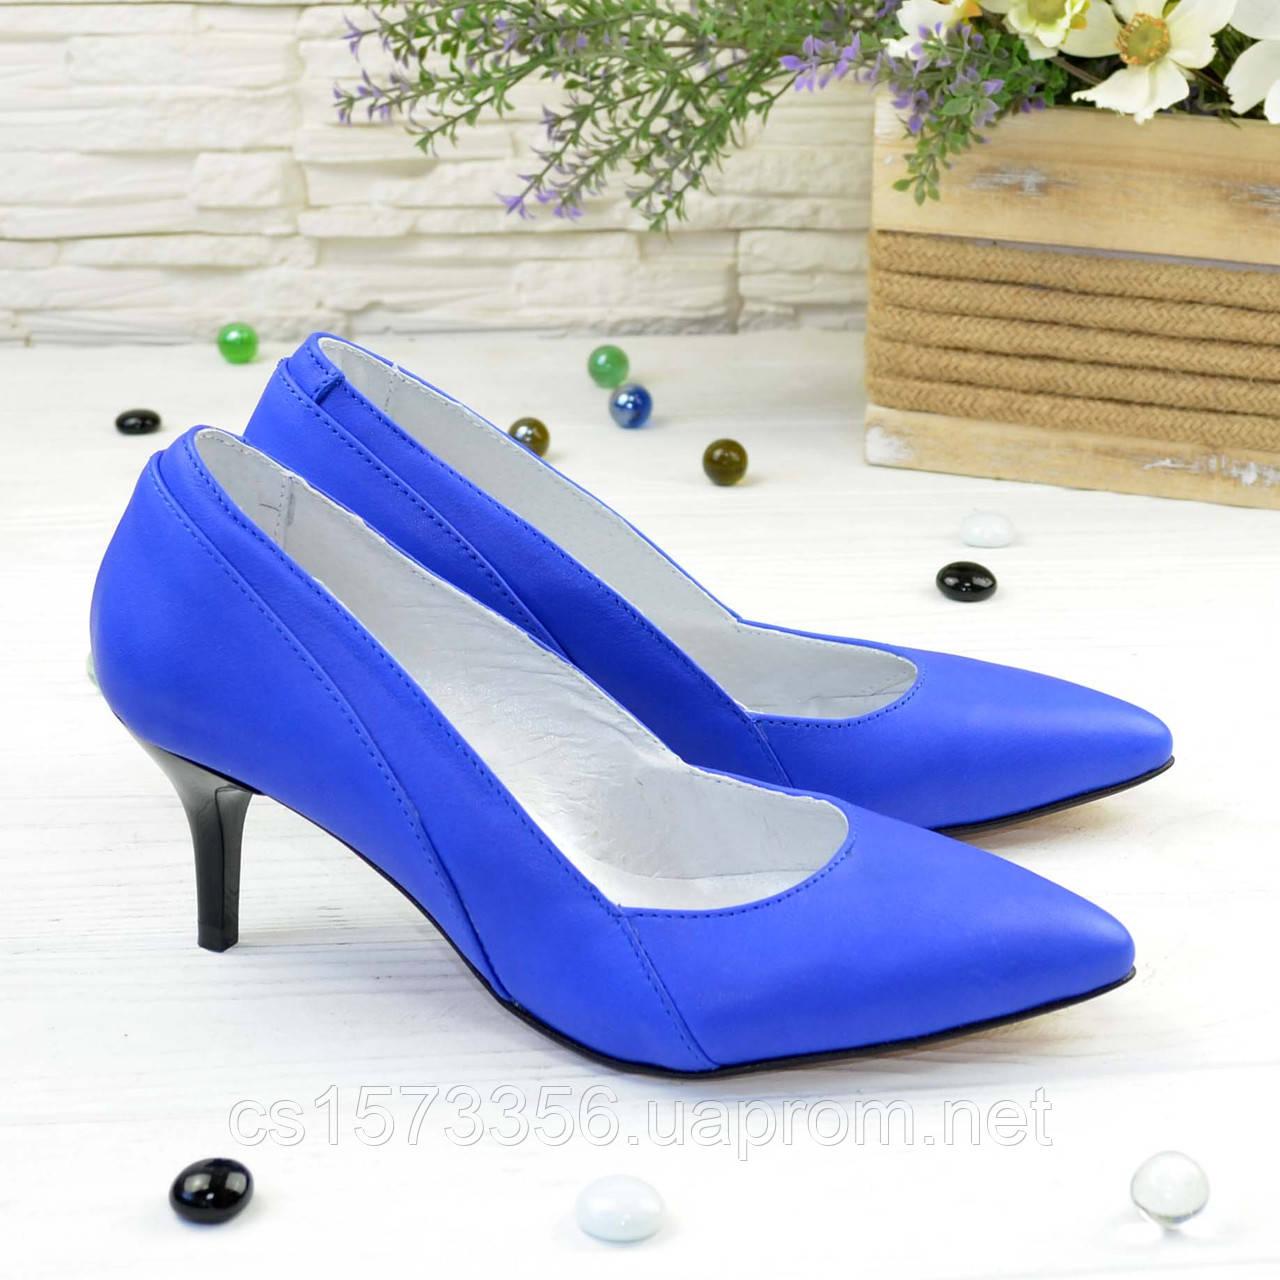 Туфли женские кожаные на маленькой шпильке, цвет электрик